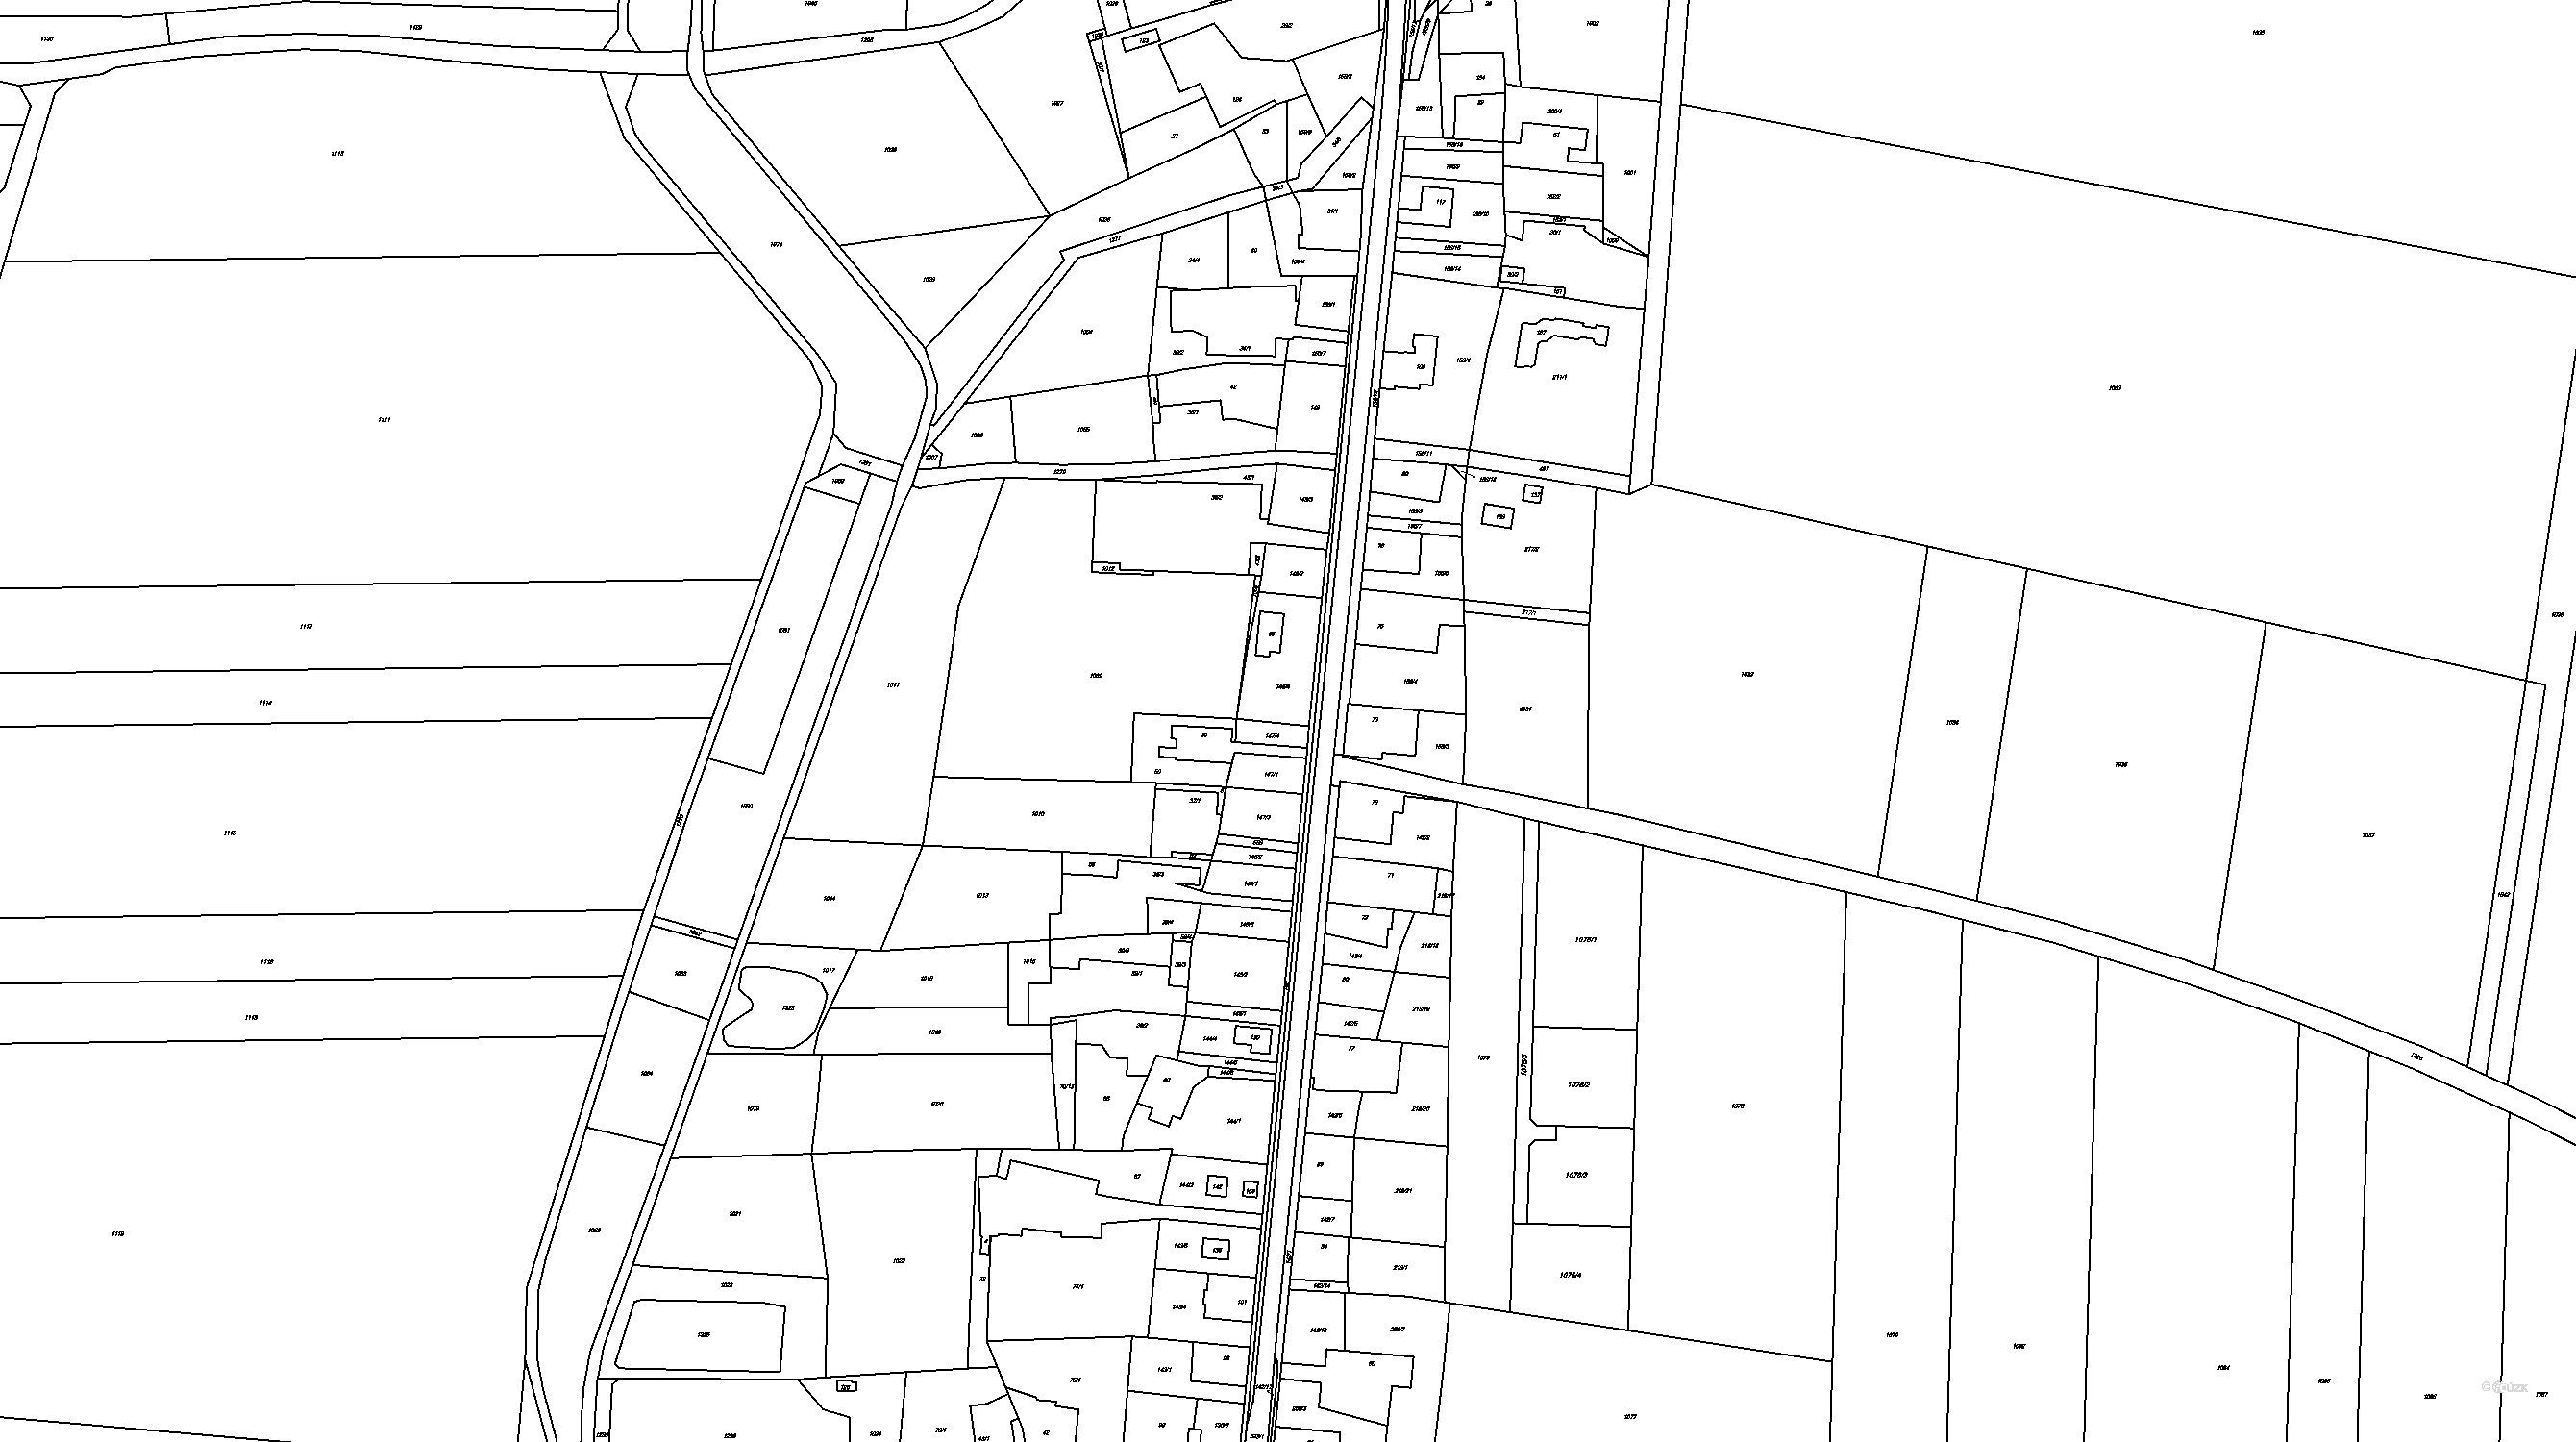 Katastrální mapa pozemků a čísla parcel Sopřeč